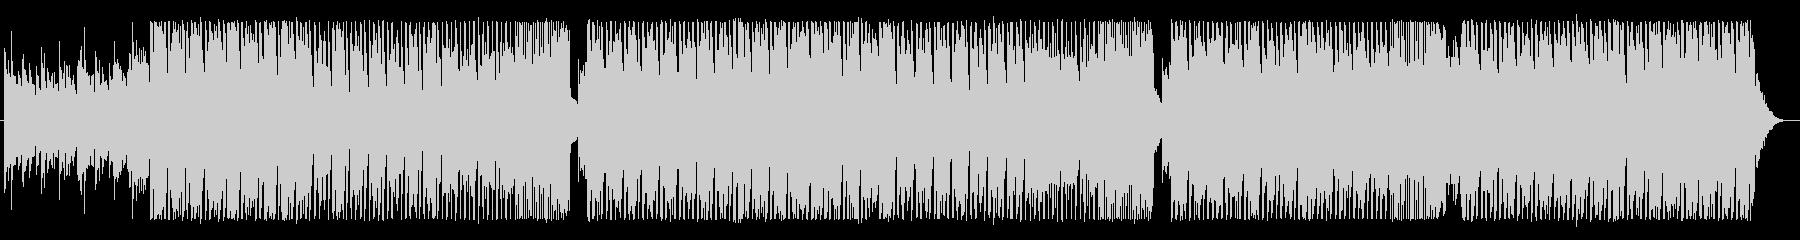 明るく優しいポップな四つ打ちBGMの未再生の波形